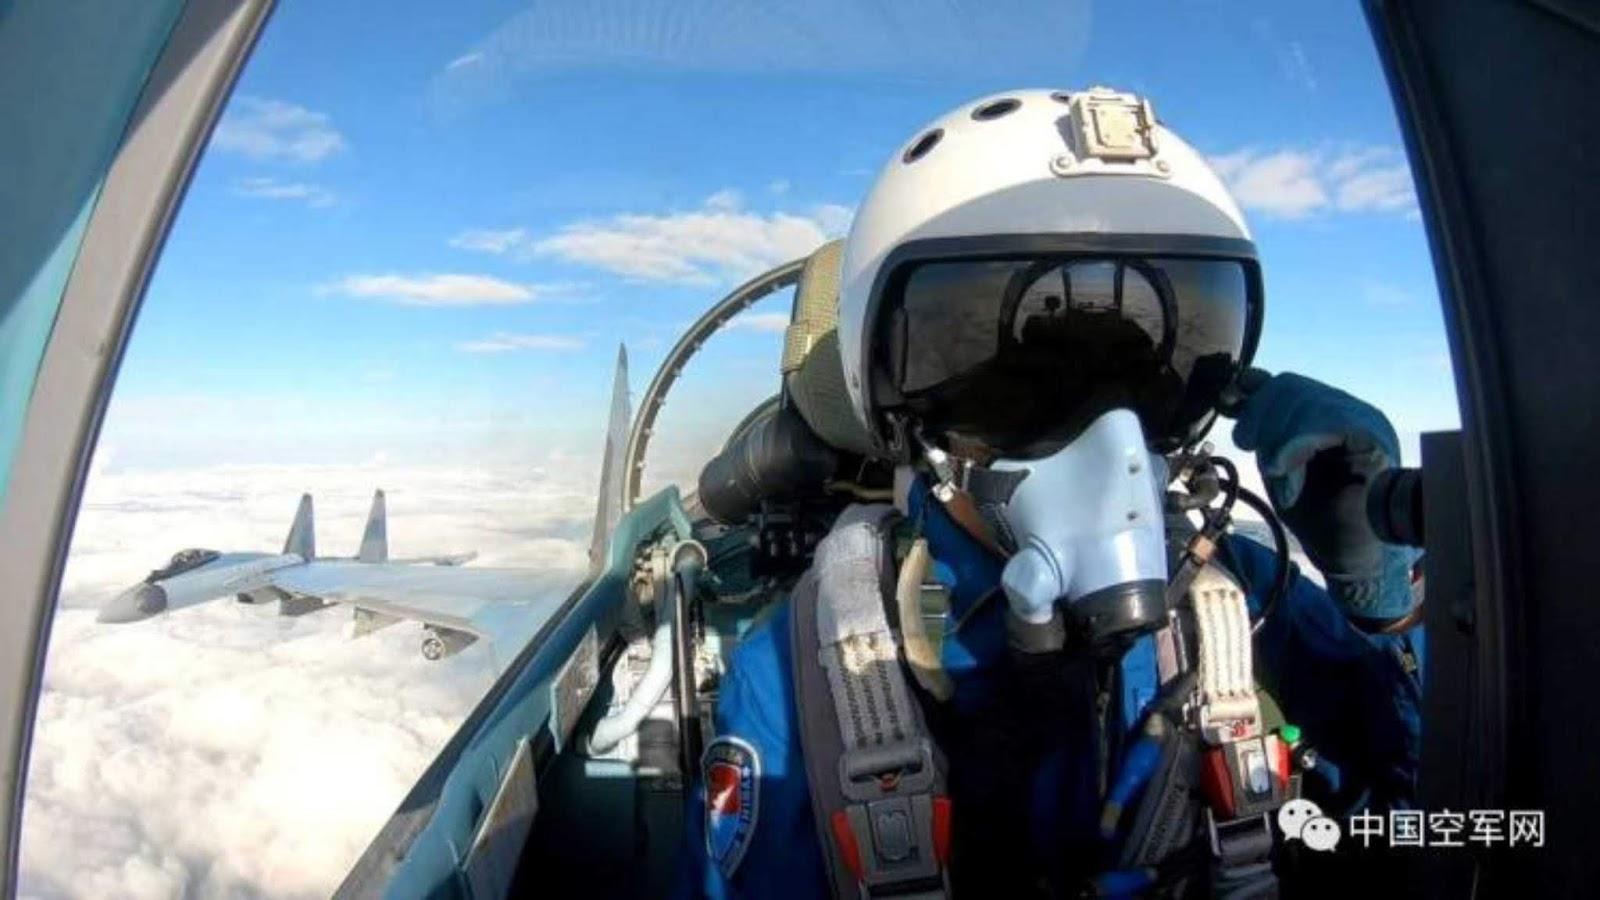 China merilis photo dan video Su-35 dalam pelatihan tempur